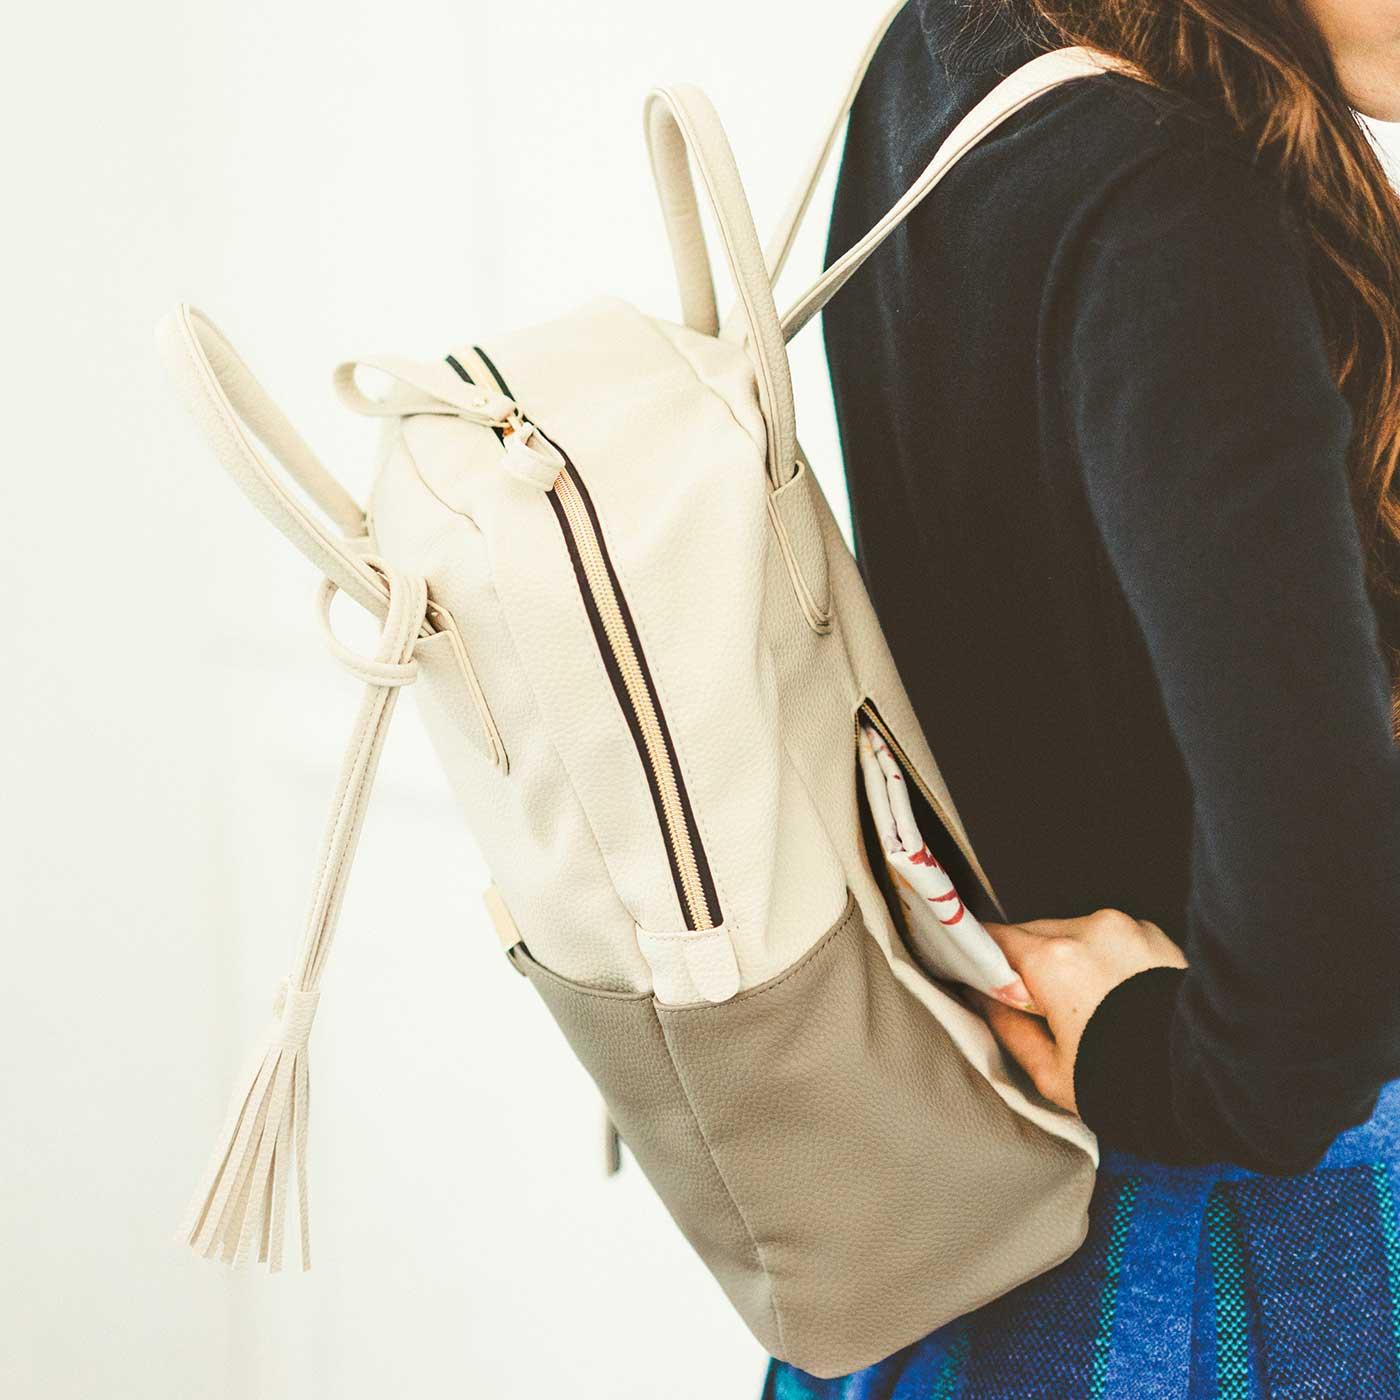 背負ったまま手を入れてパスケースや携帯電話が出し入れできる、便利な背面ポケット。